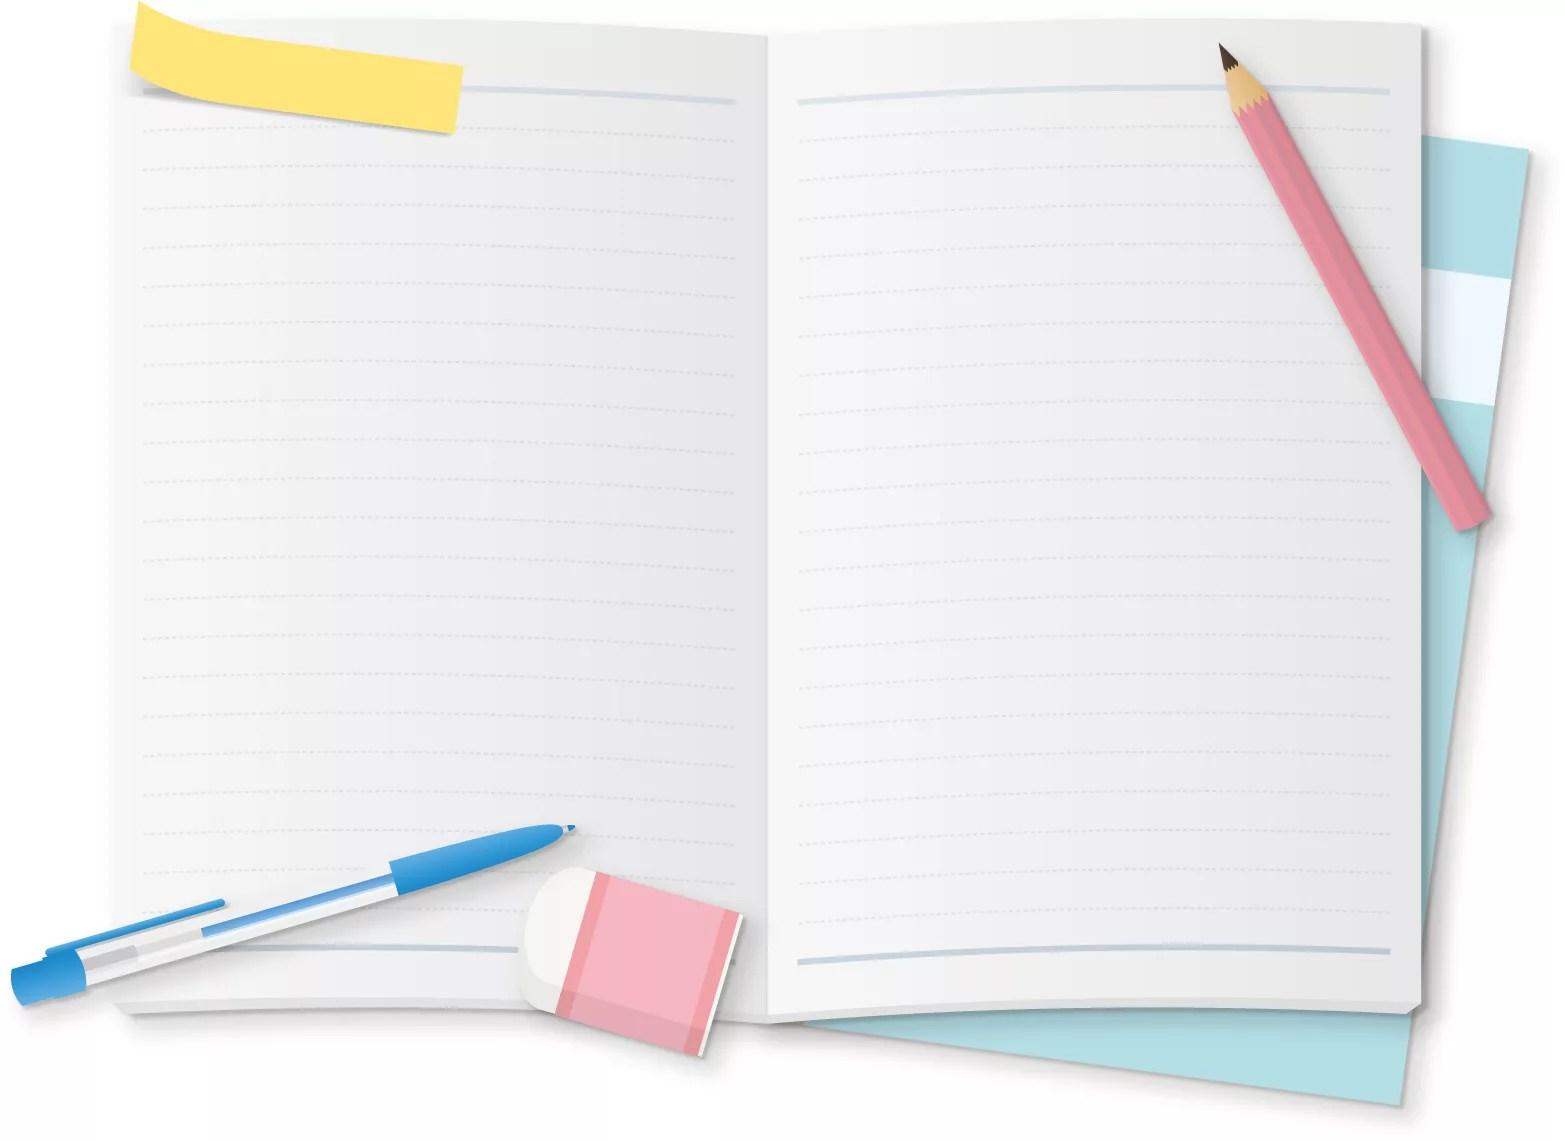 おたより帳を書くコツ